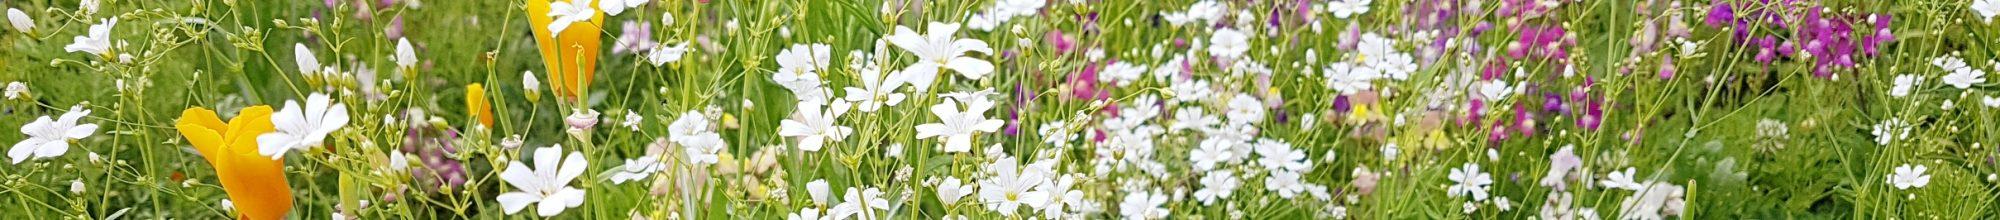 zahrada Nebespan 2